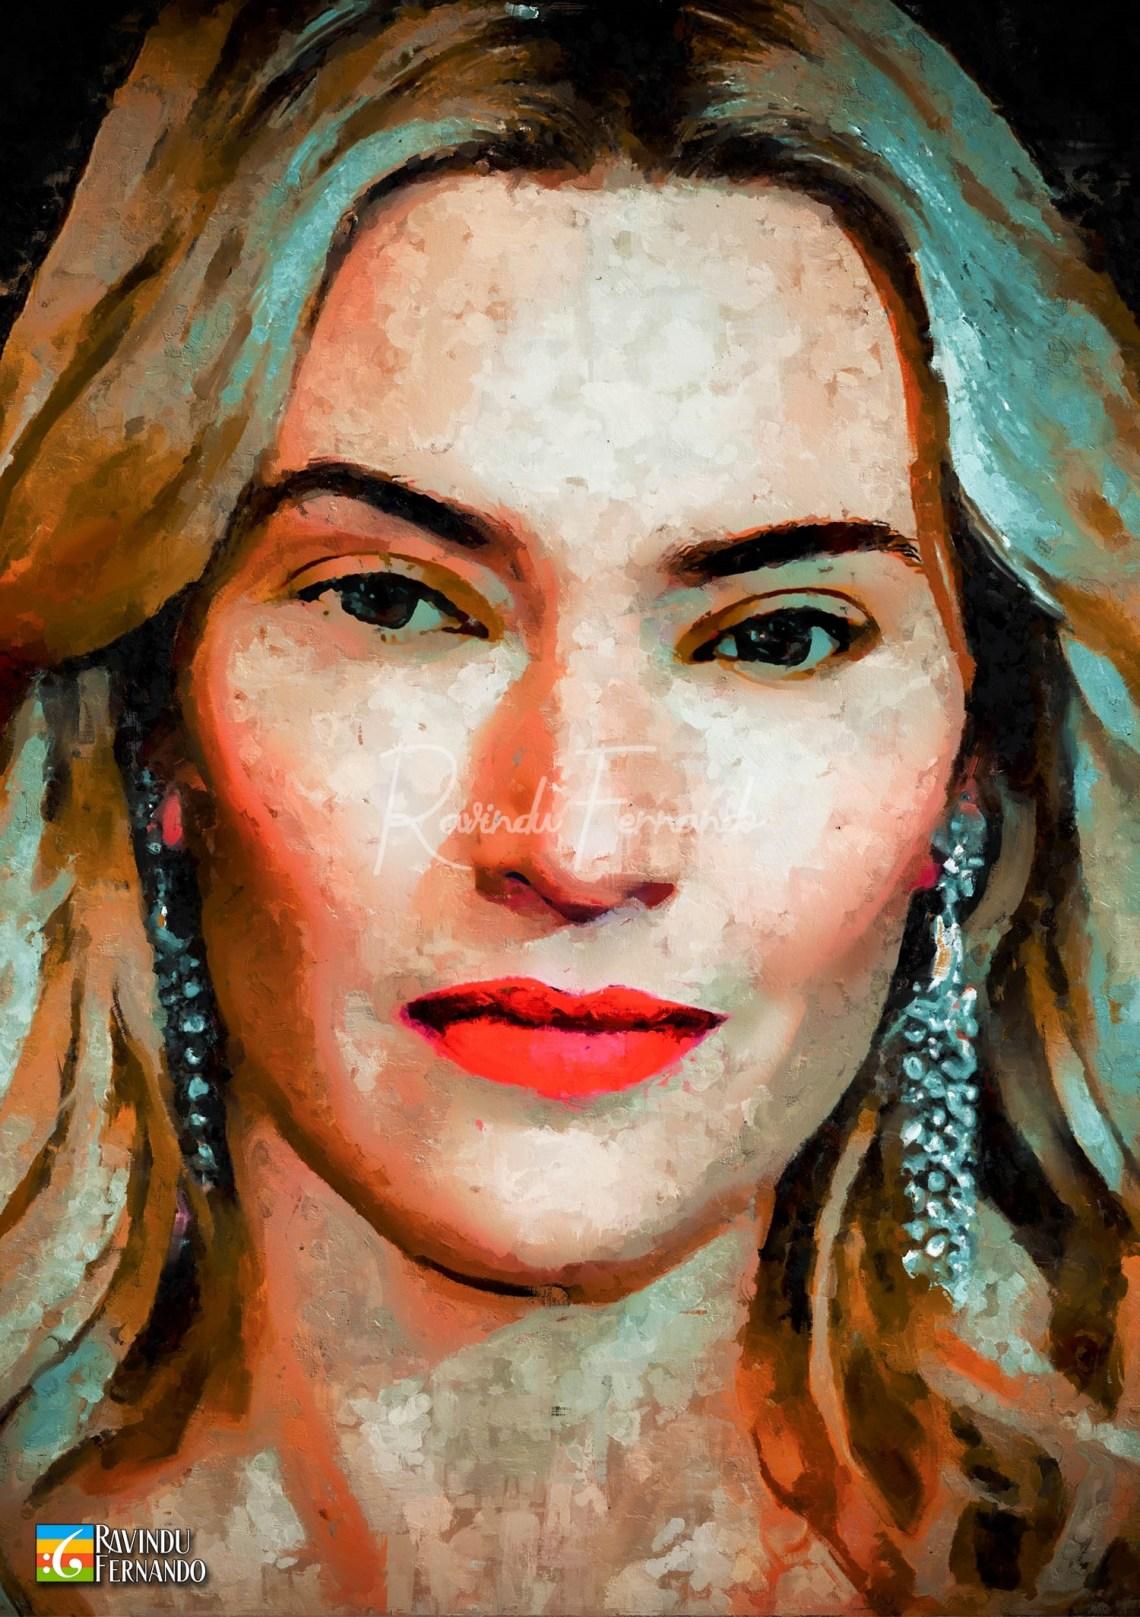 Kate Winselt Digital Oil Painting by Ravindu Fernando